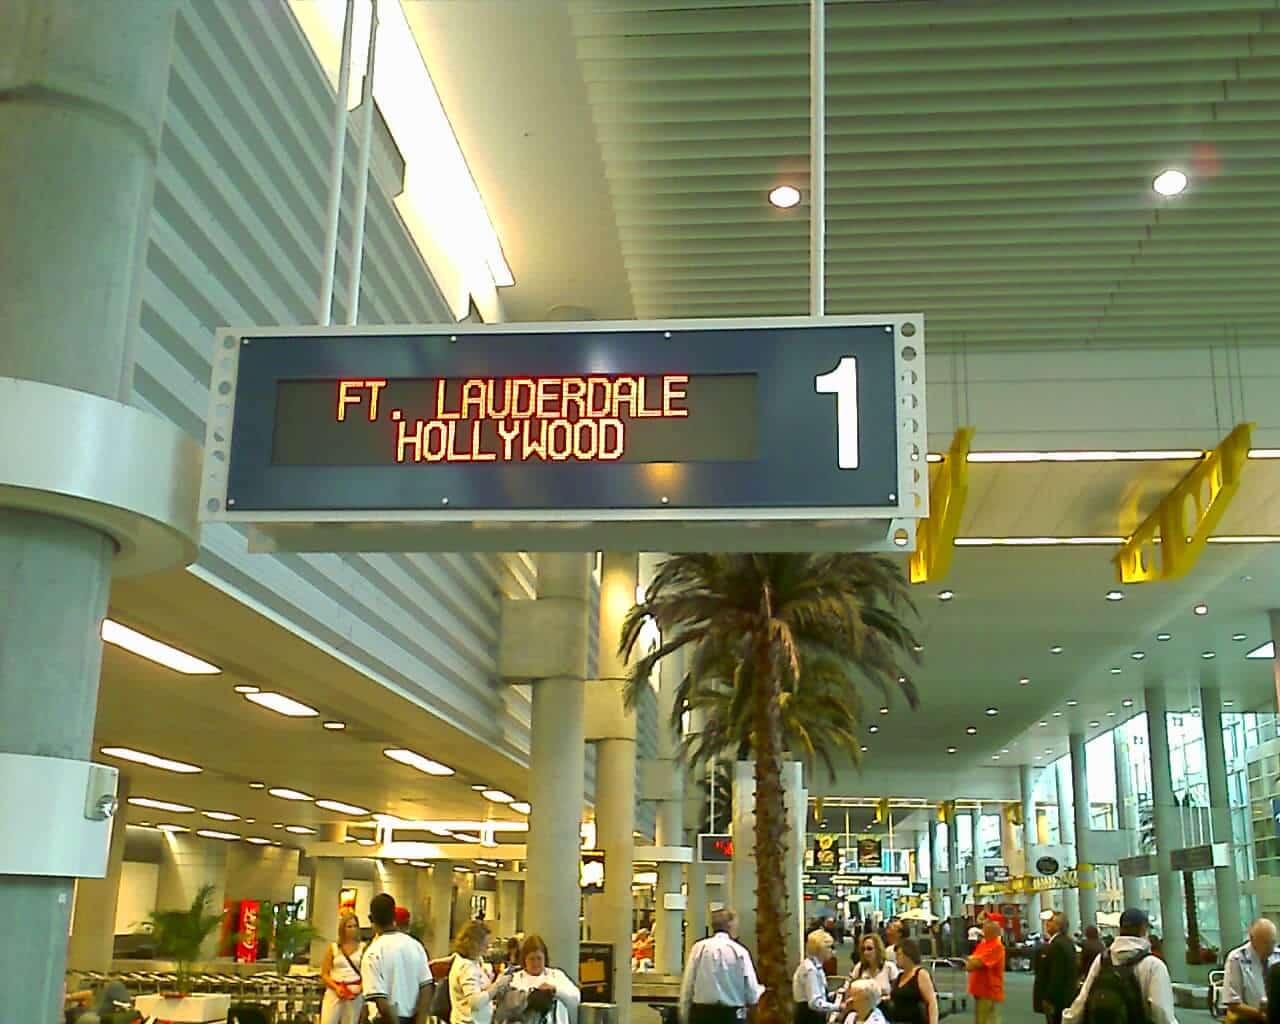 Serviço de Transfer em Fort Lauderdale